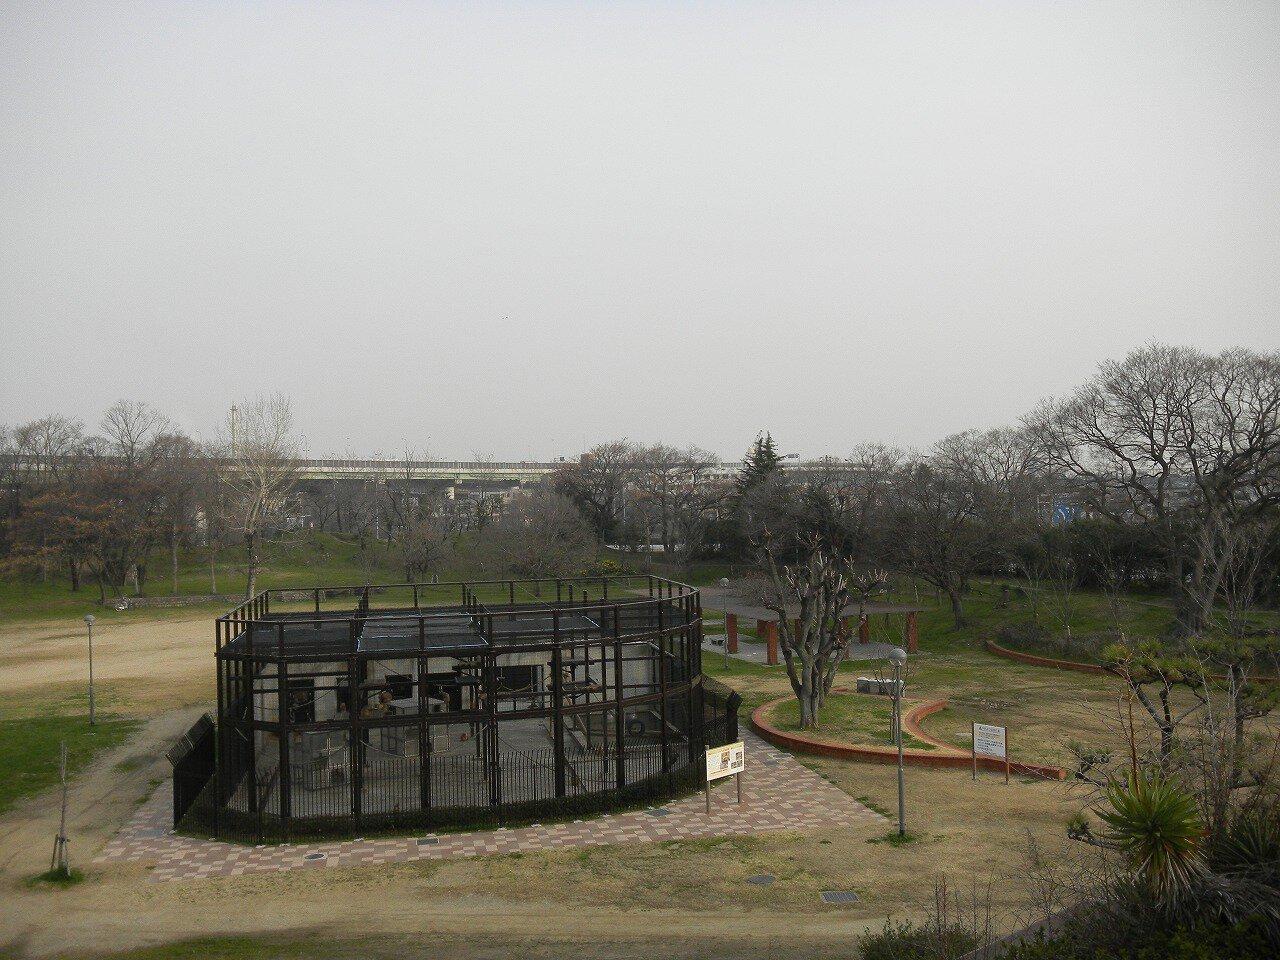 大浜公園 | ゴールデンウィーク 2021 - ウォーカープラス